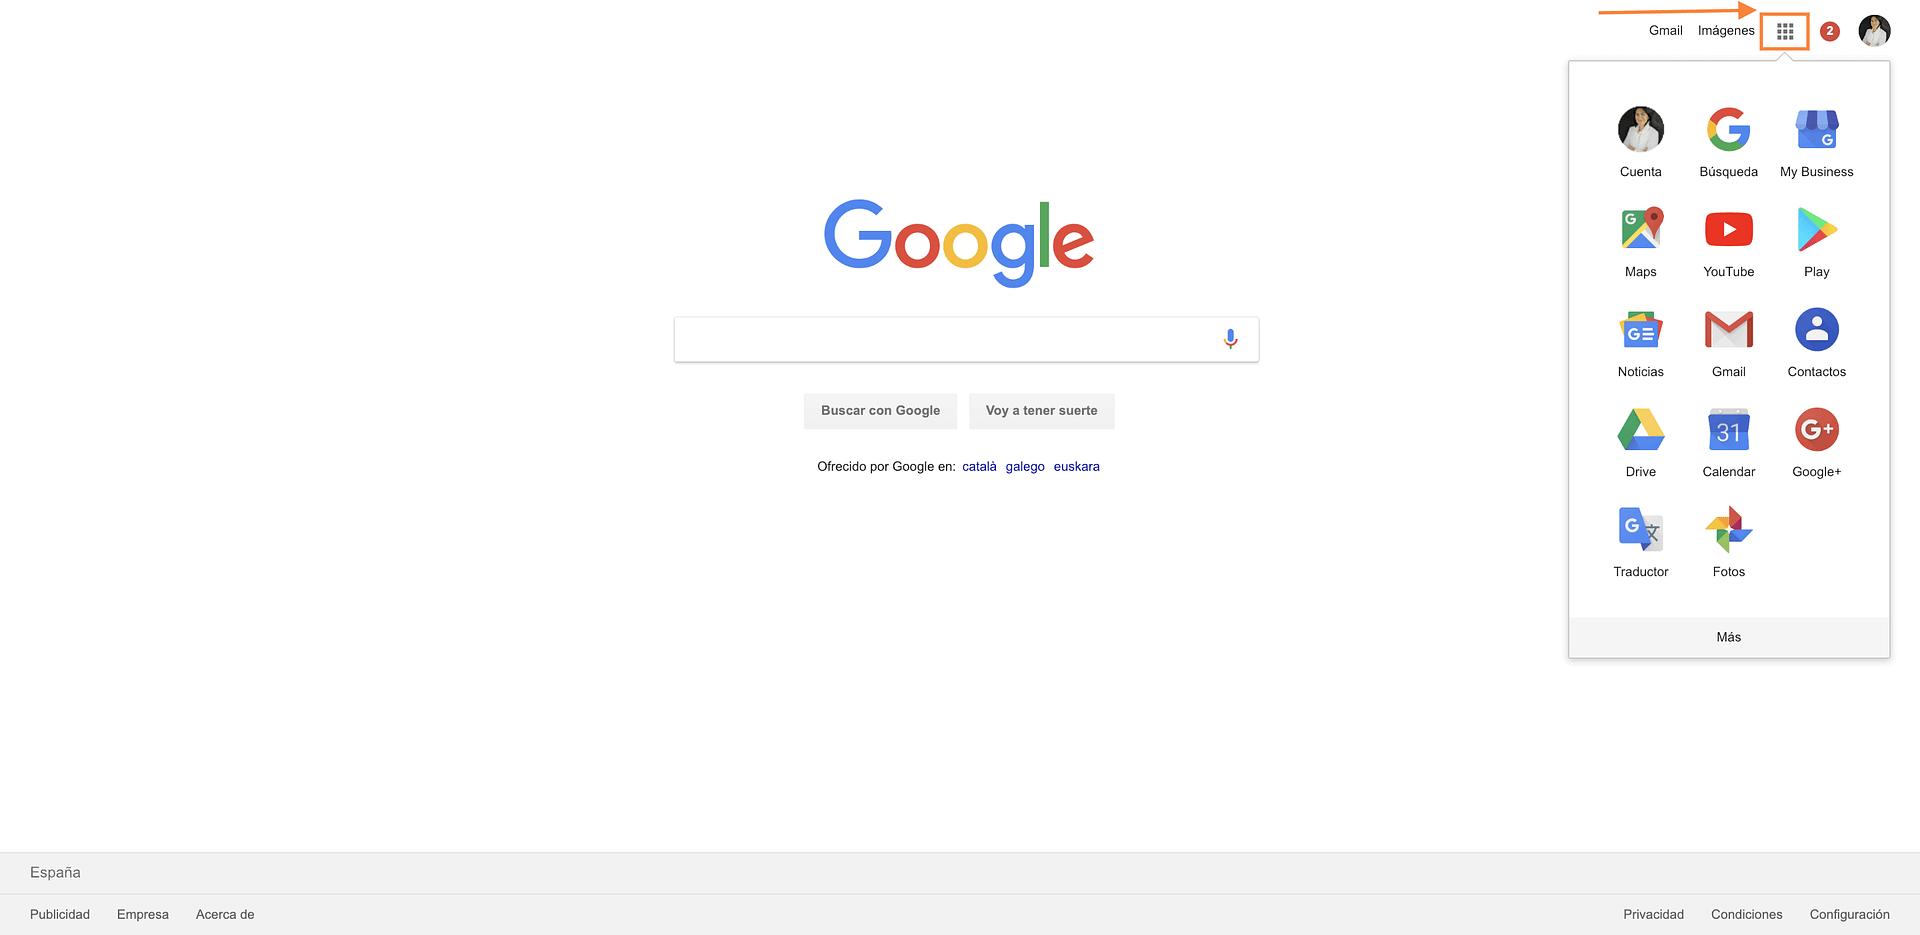 productos y servicios del ecosistema google